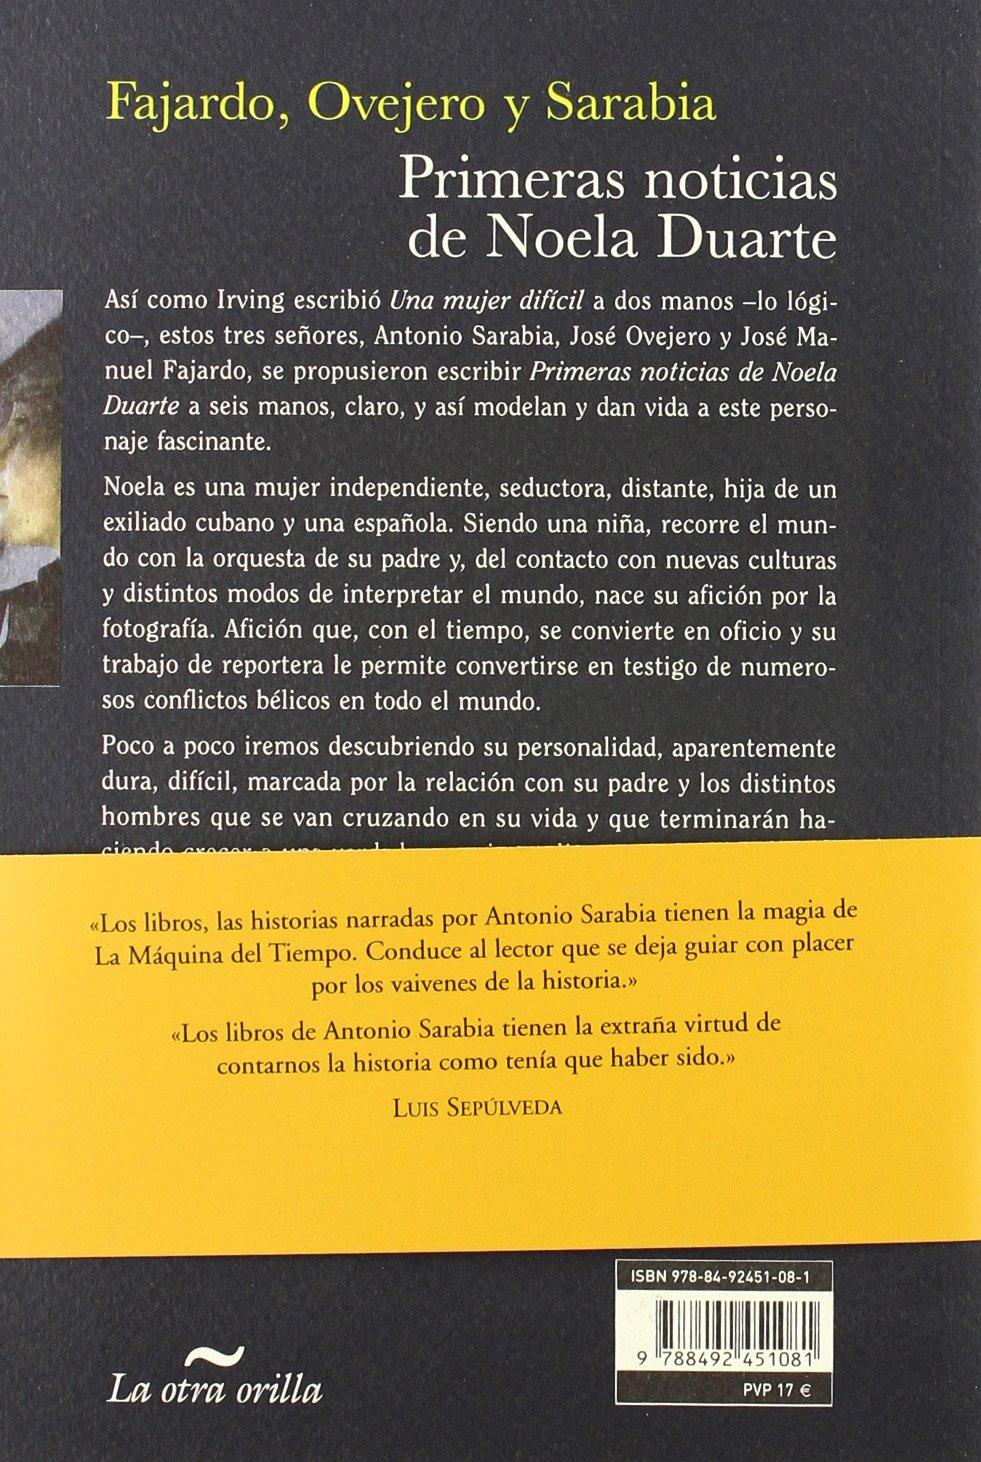 Primeras noticias de Noela Duarte (La otra orilla): Amazon.es: José Manuel Fajardo, Antonio Sarabia, José Ovejero: Libros